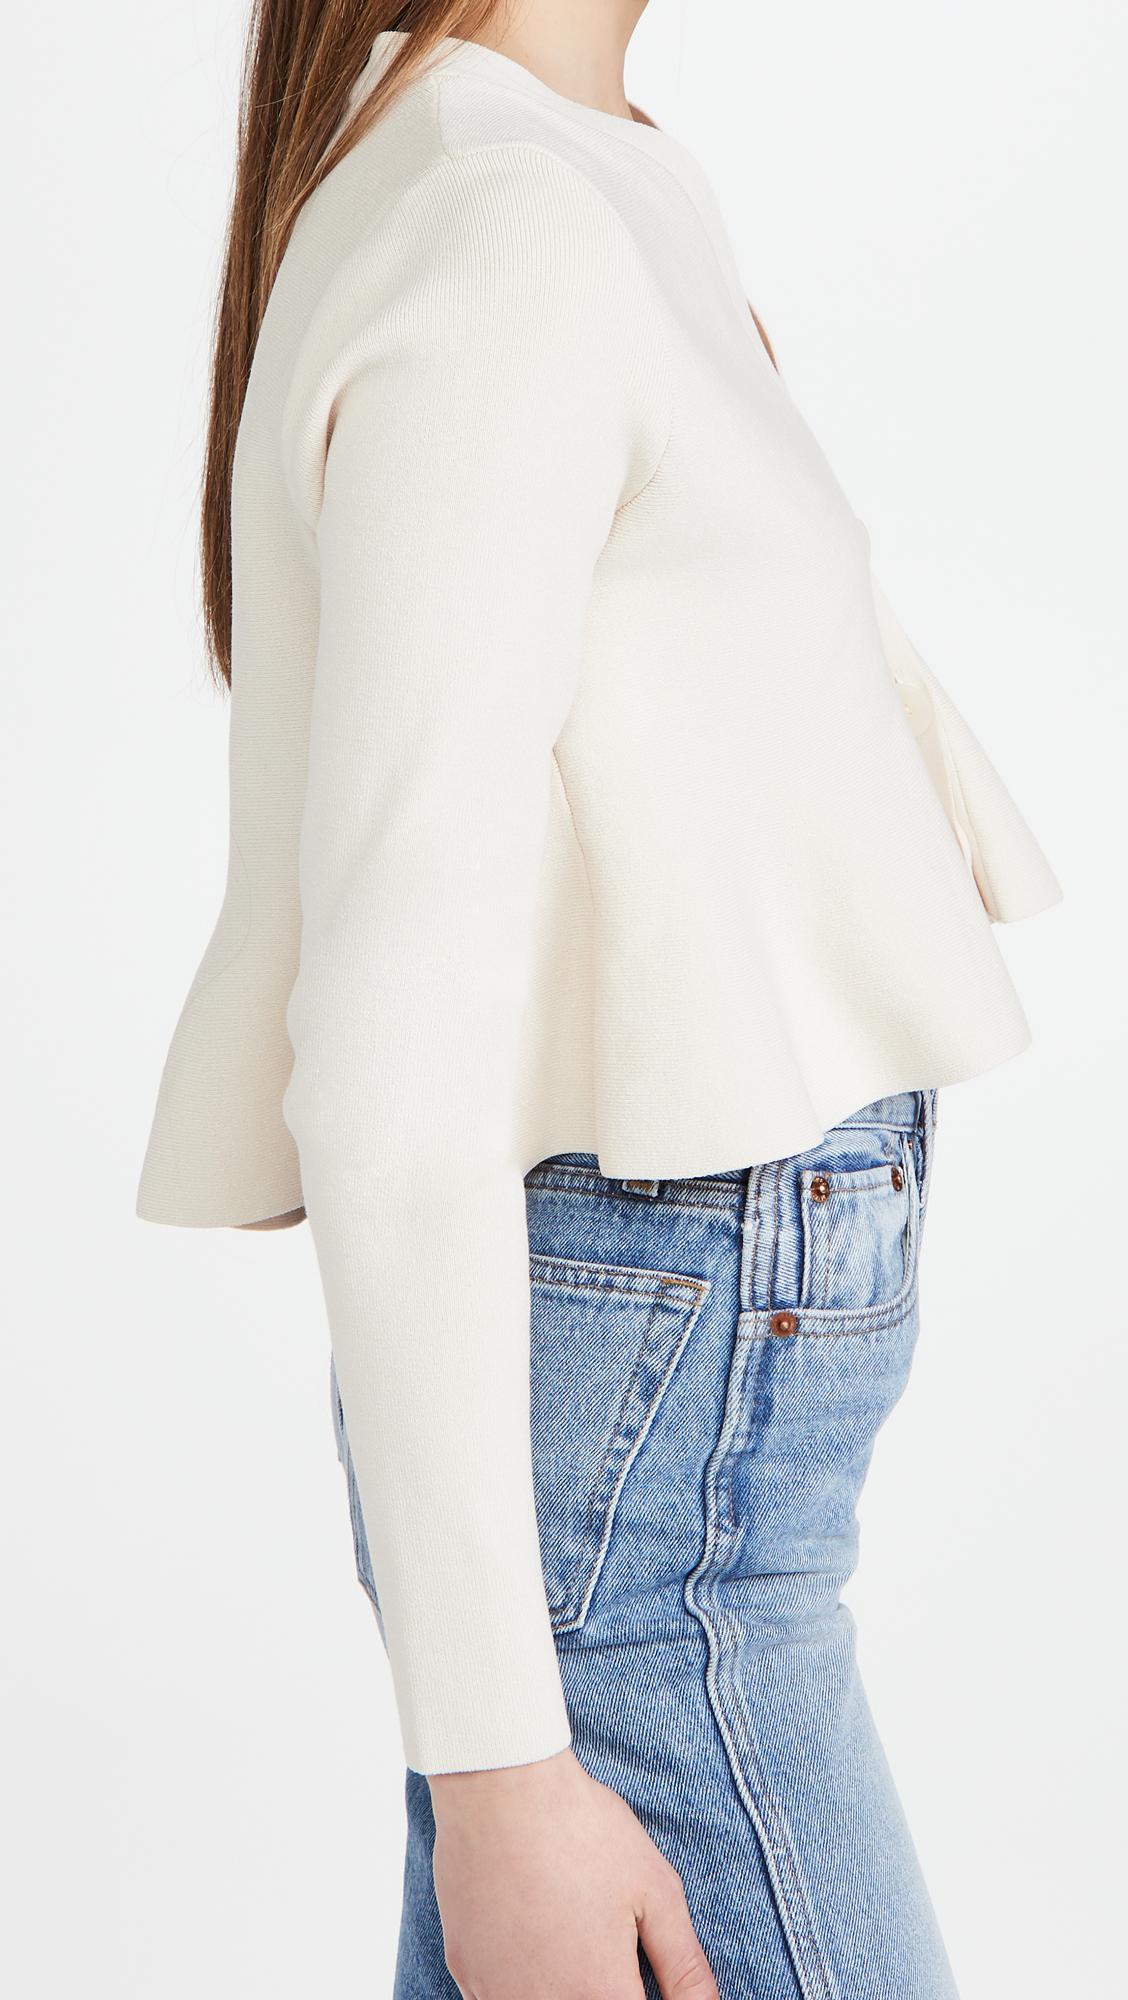 525 Peplum Cardigan | Instagram's Most Popular Blanket